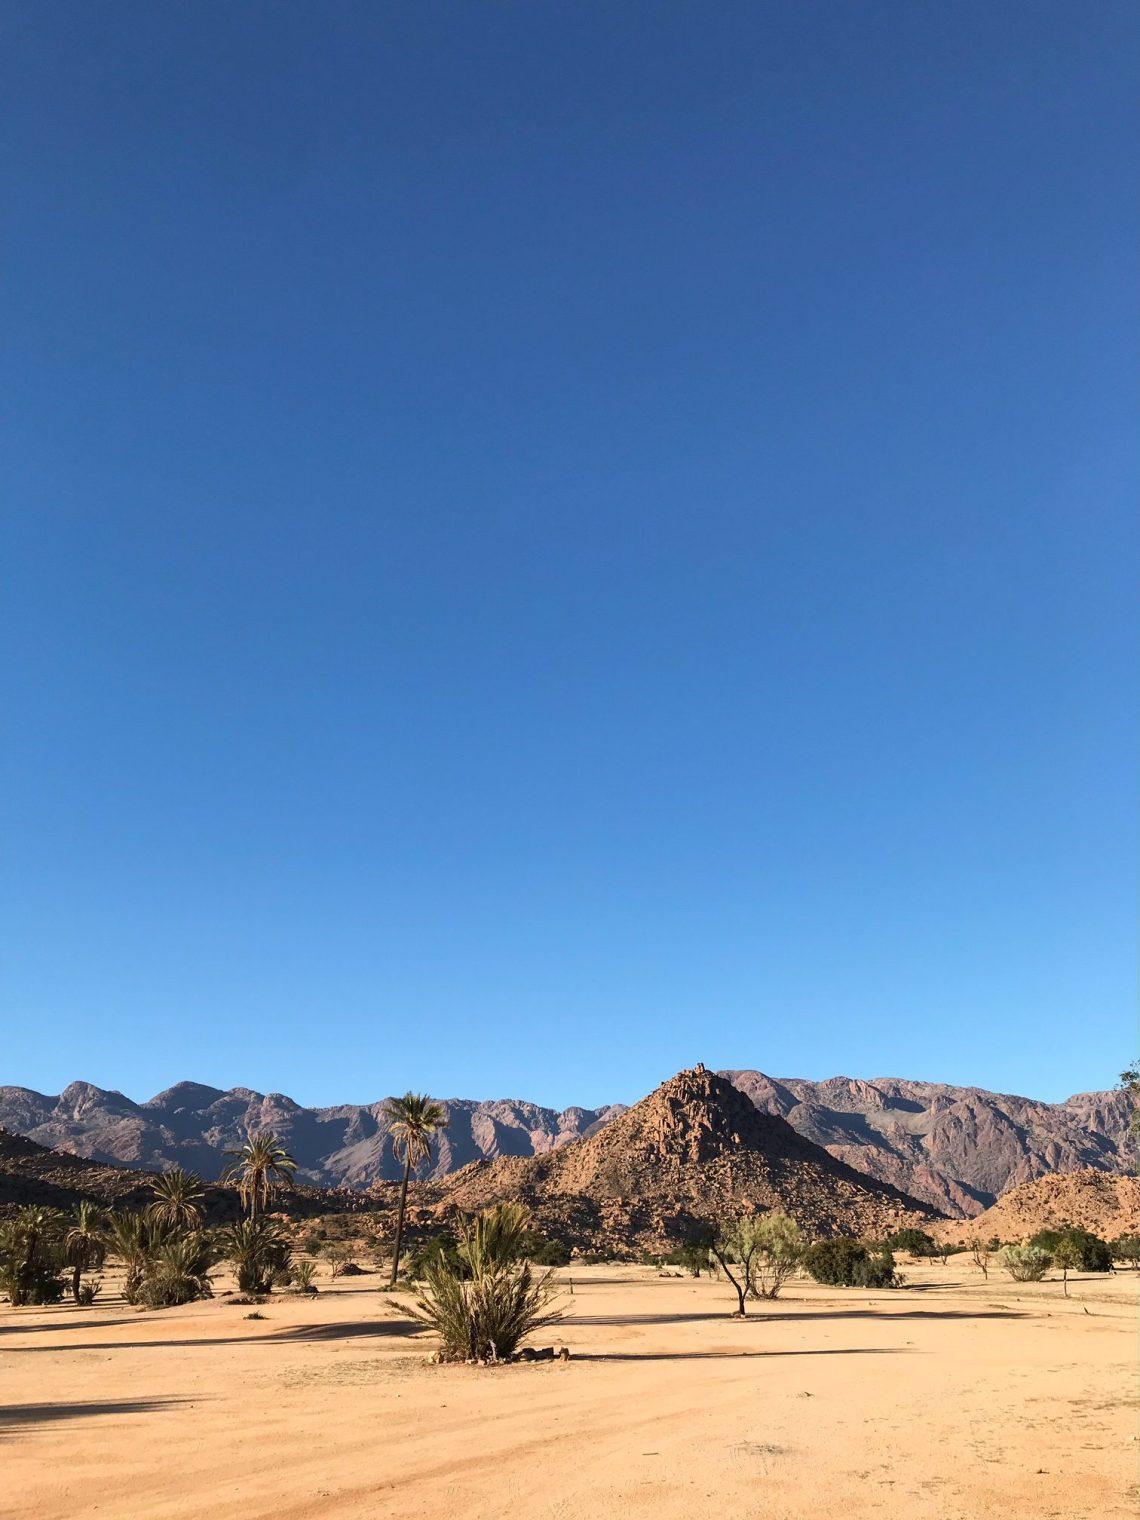 Voyage au Maroc vue sur les montagnes autour de la palmeraie de Tafraout